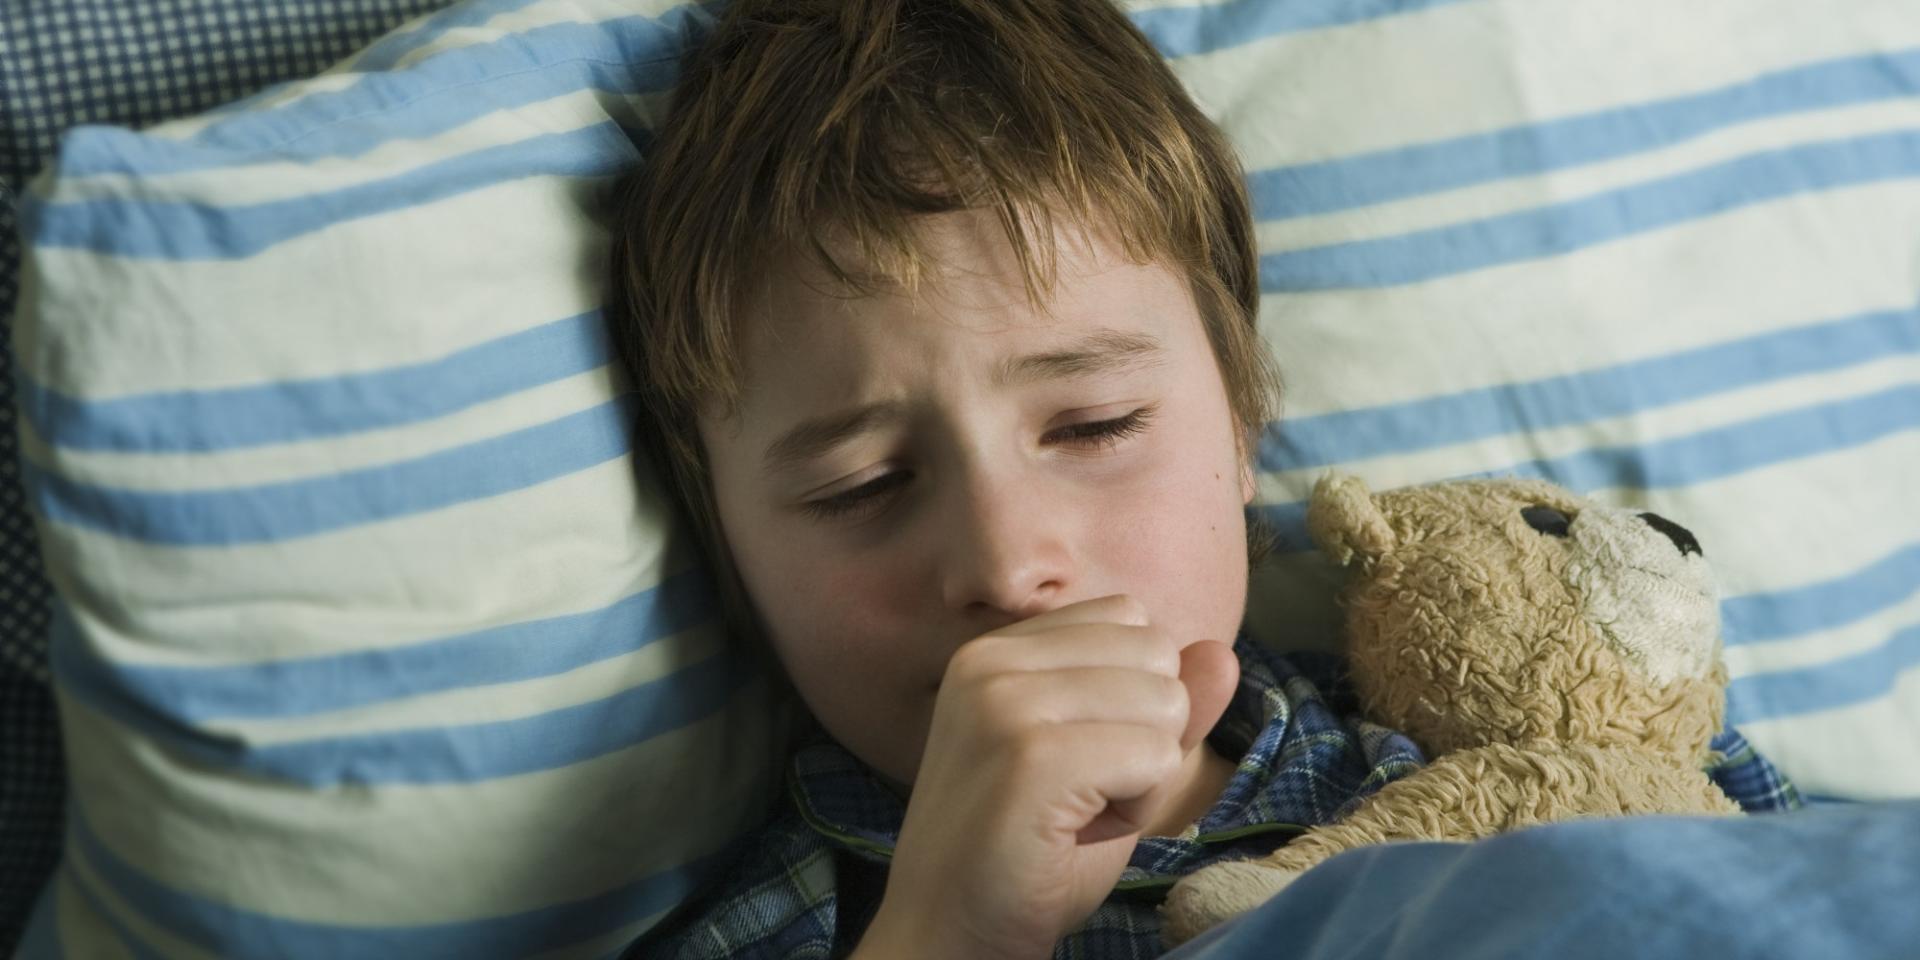 Симптомы и диагностика бронхита у детей разного возраста